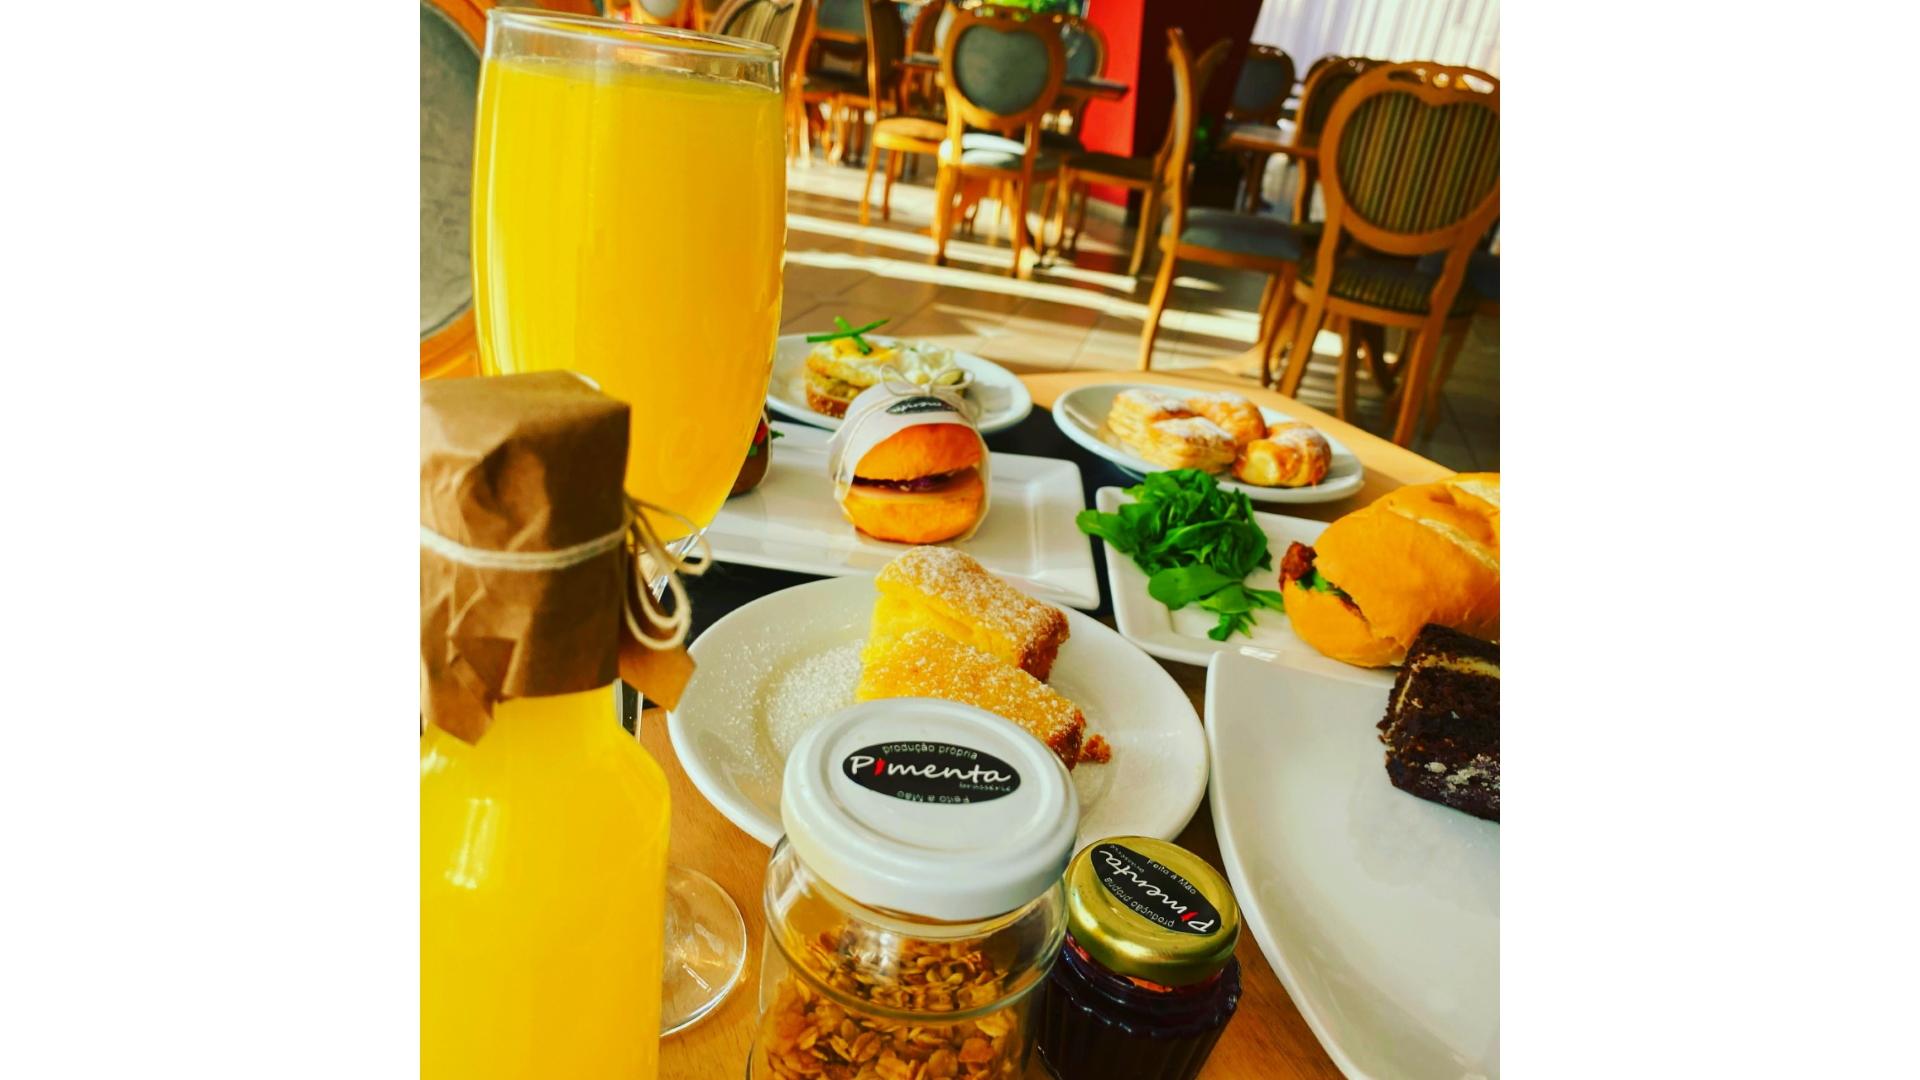 O Brunch é servido aos sábados e domingos, entre 10h30 e 16h , com mini sanduíches, Mimosinhas, sucos, saladinhas, folhados e bolos.